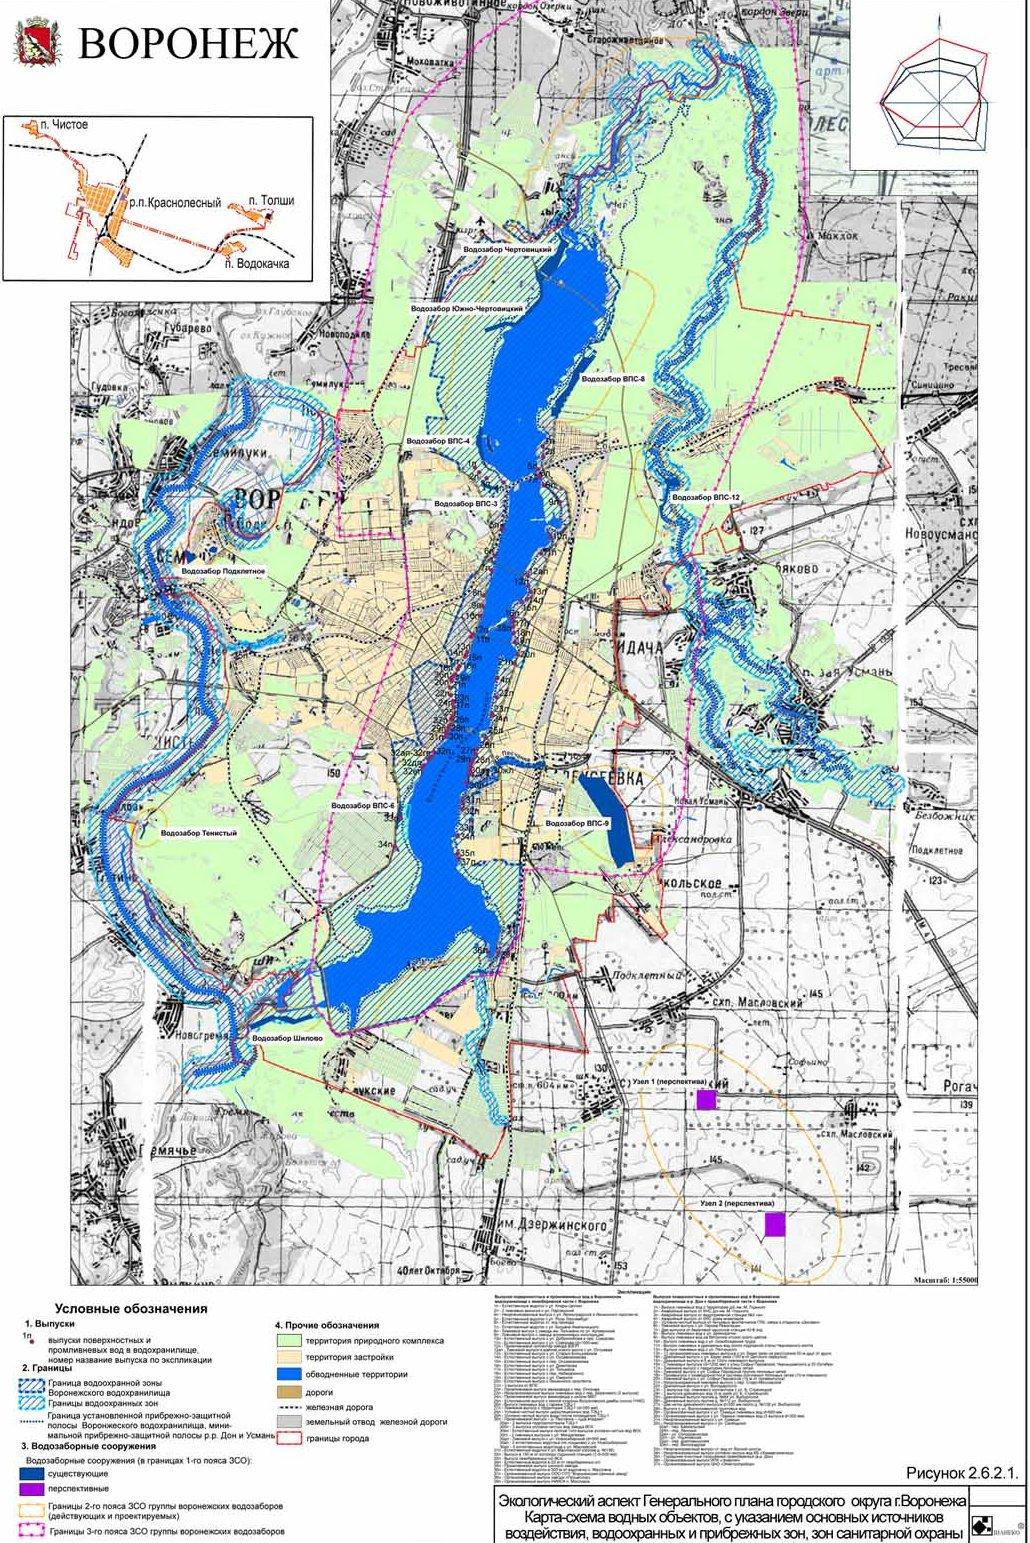 Карта-схема водных объектов, с указанием основных источников воздействия, водоохранных и прибрежных зон, зон санитарной охраны